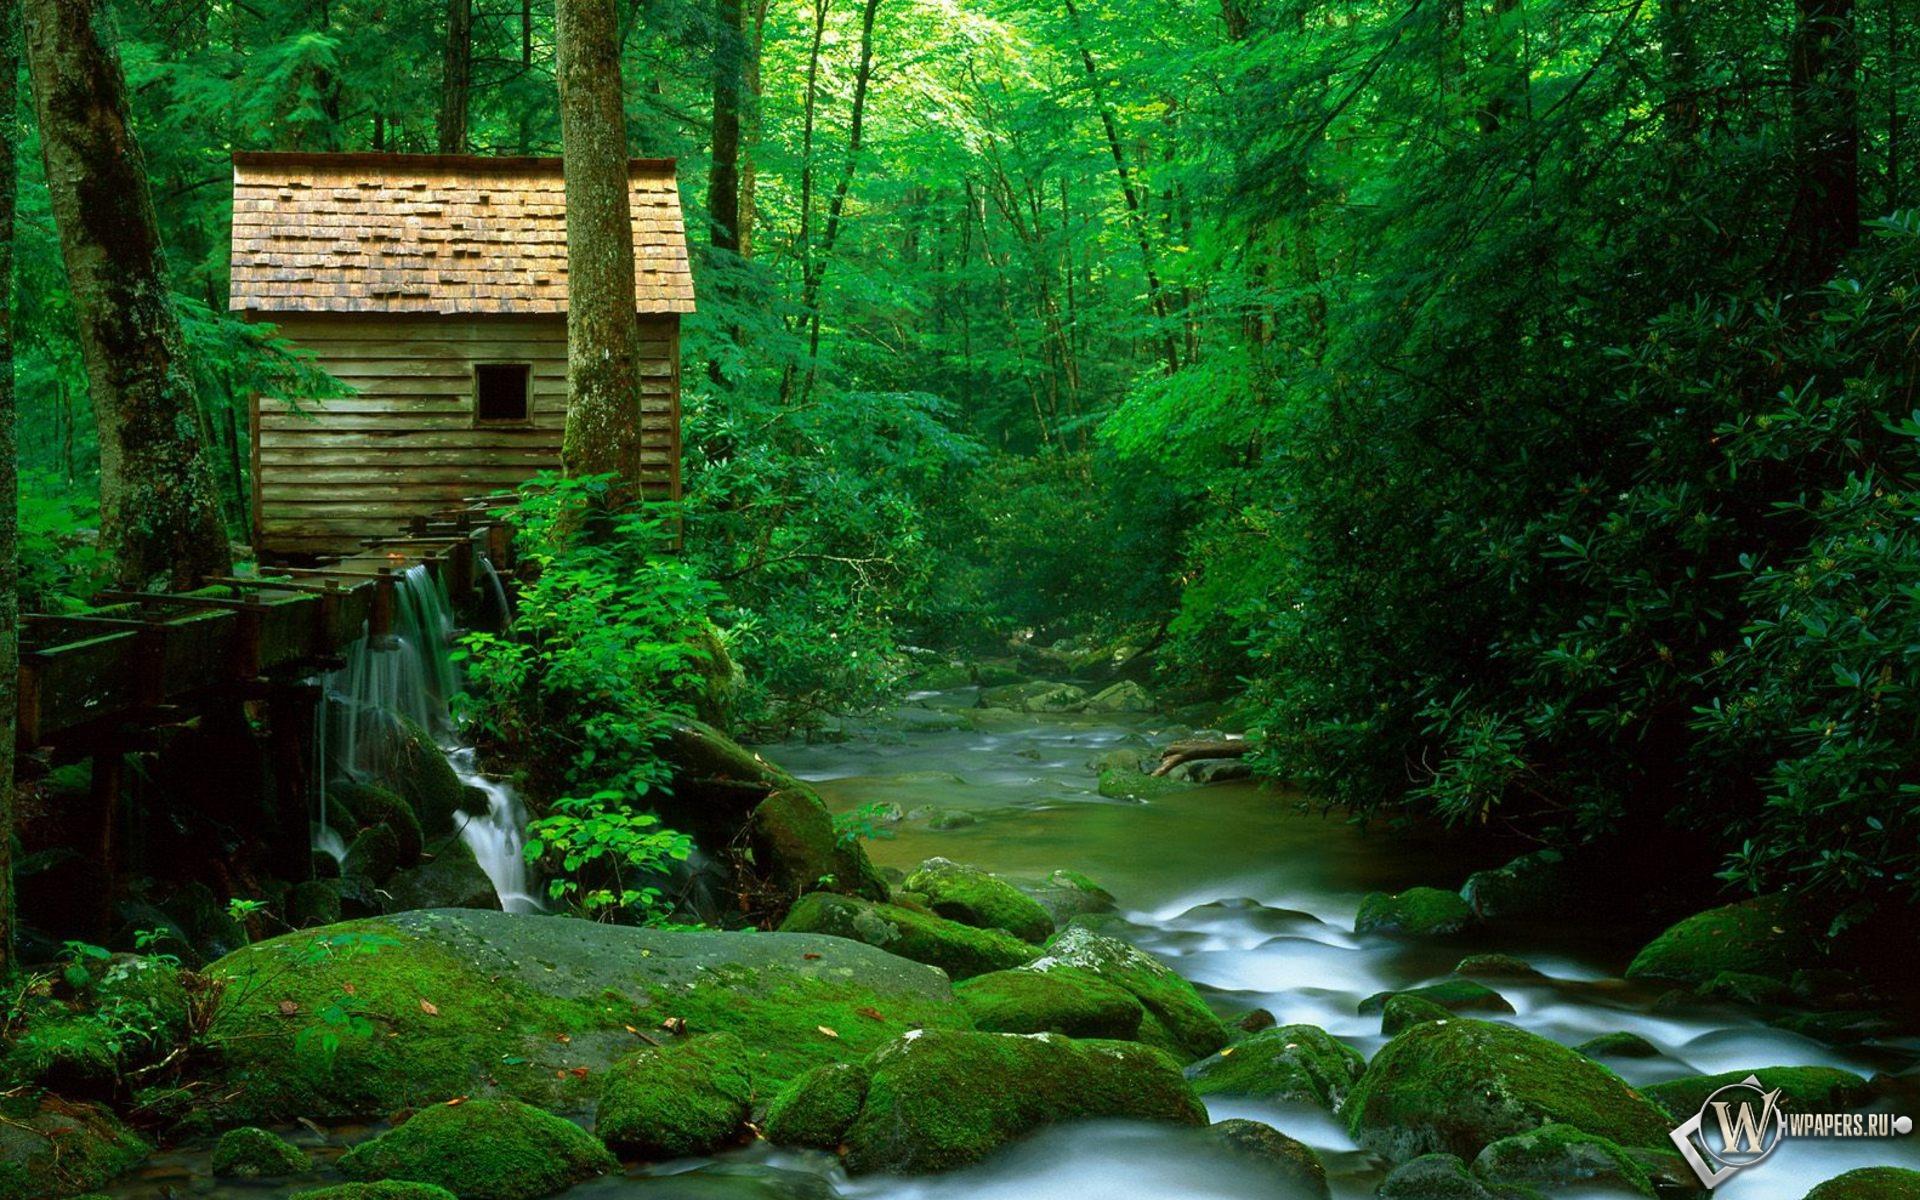 Лесной домик 1920x1200